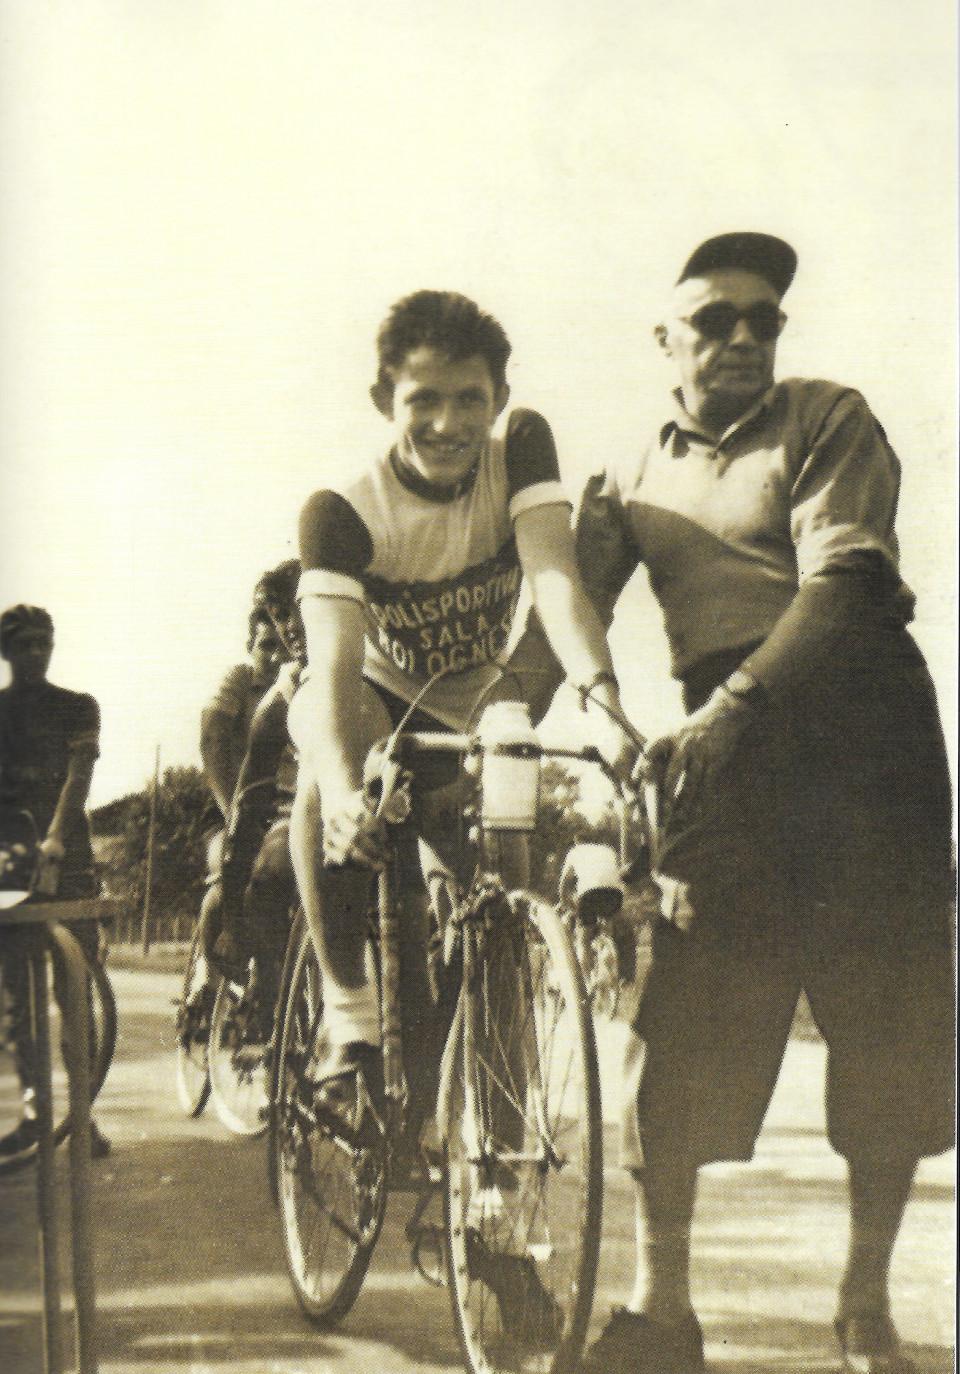 Ciclismo Calderara, 1957